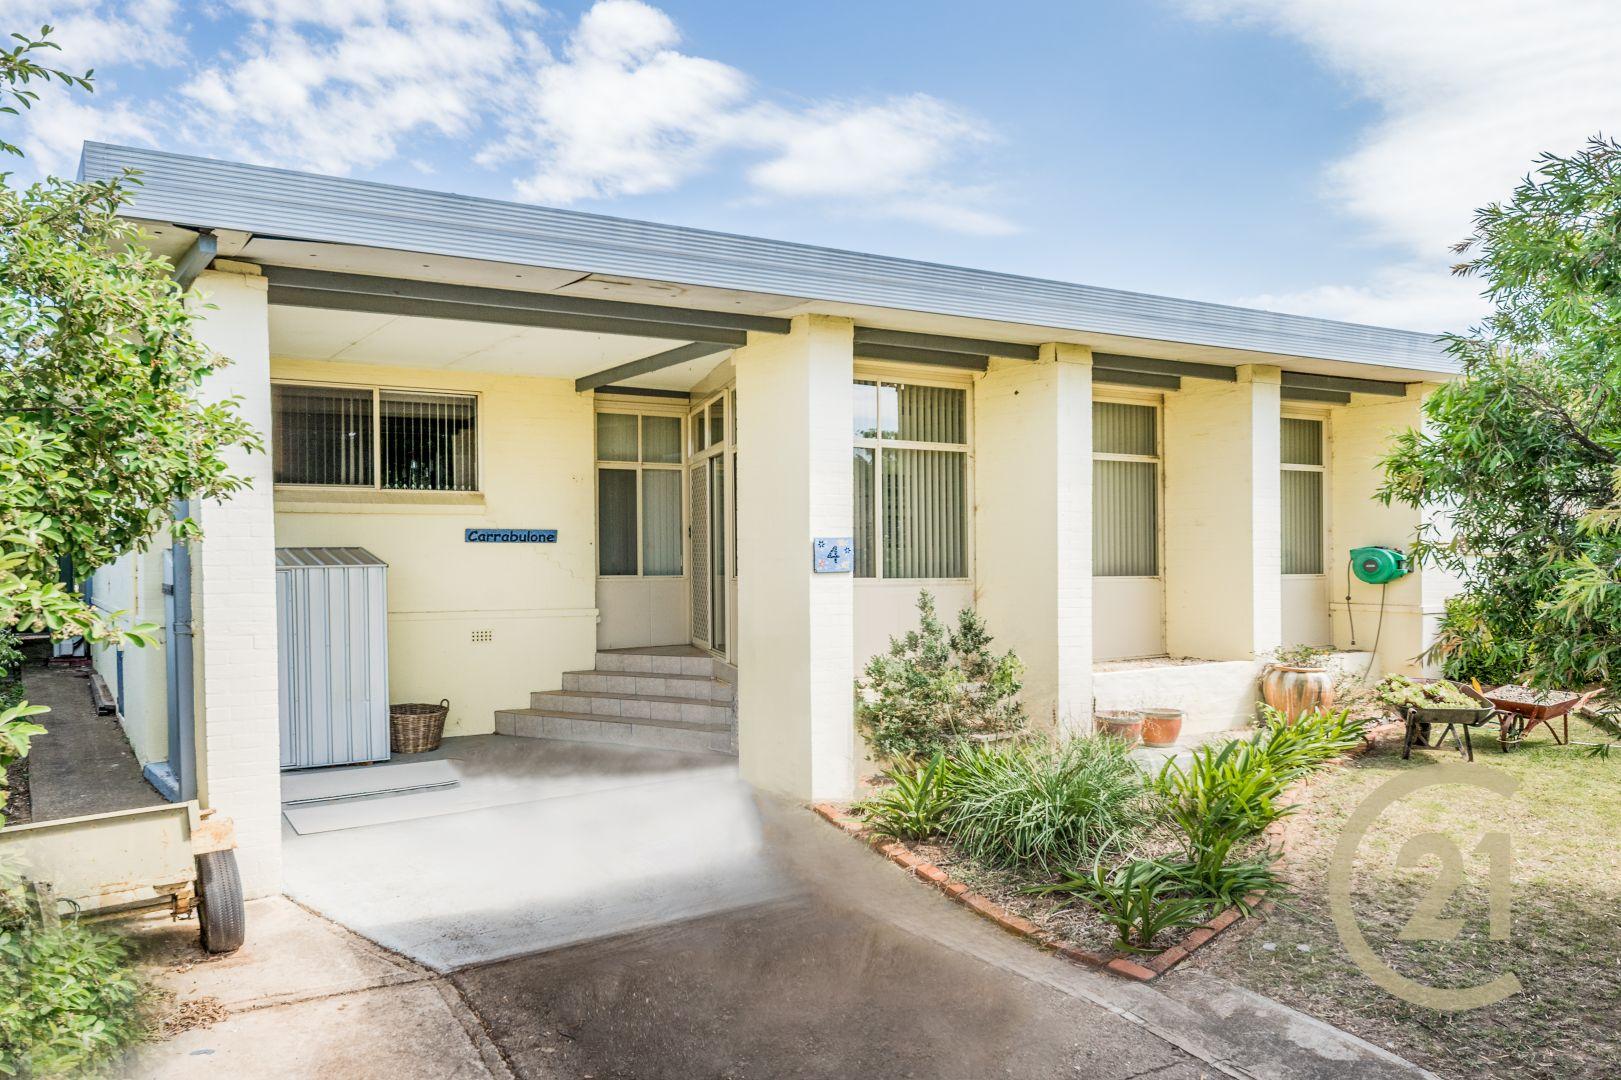 4 Osborne Avenue, Bathurst NSW 2795, Image 0